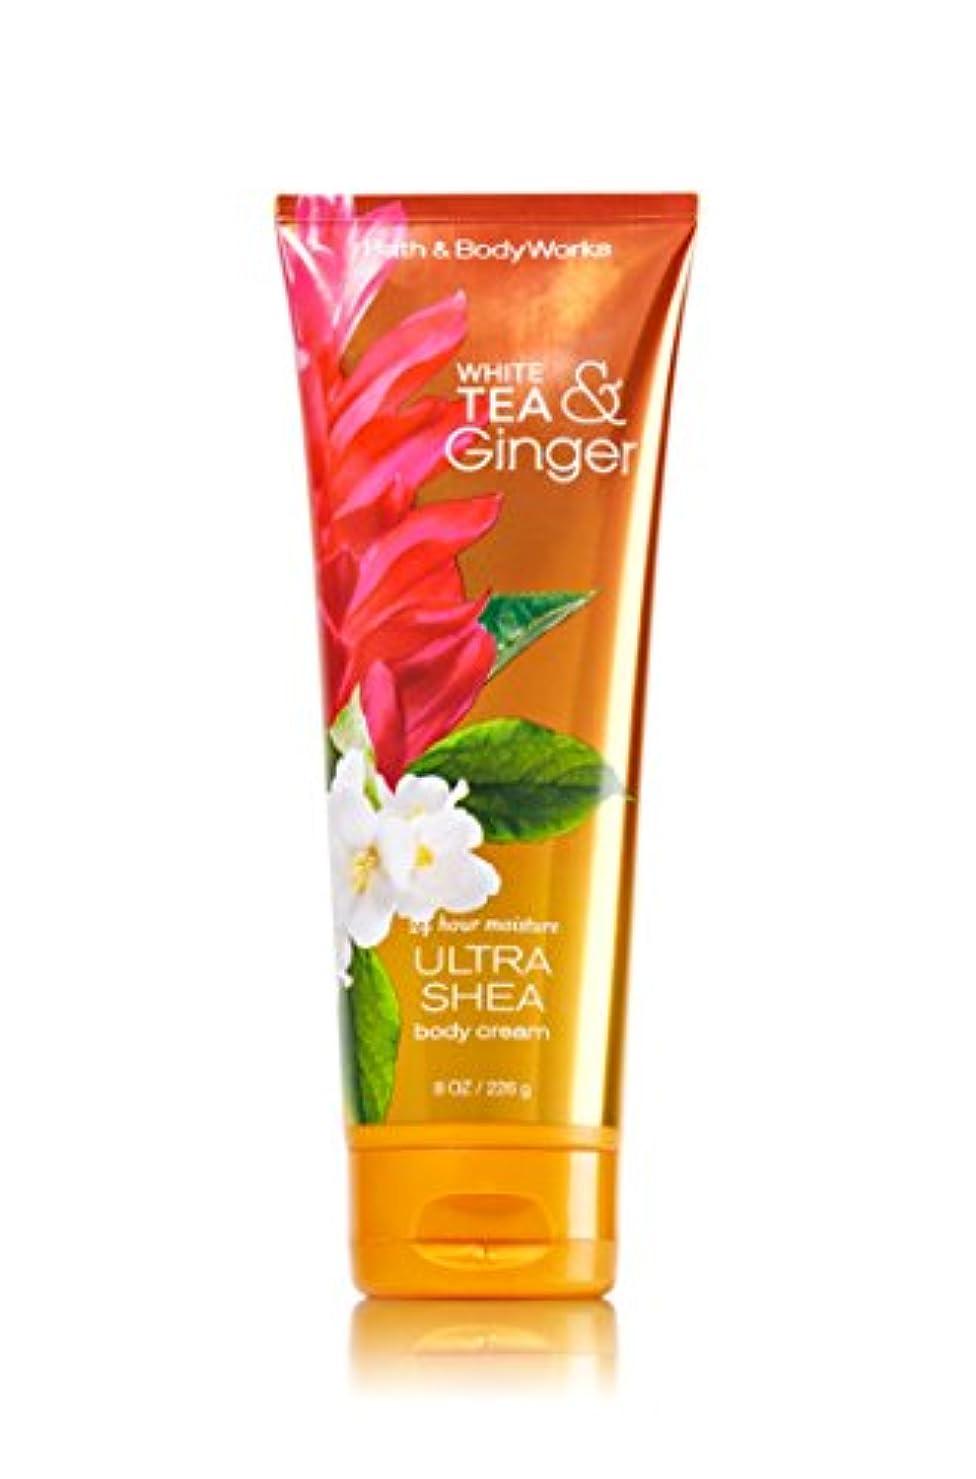 ナチュラル行進目を覚ますBath & Body Works Pleasures Collection White Tea and Ginger Body Cream 8 oz by Bath & Body Works [並行輸入品]